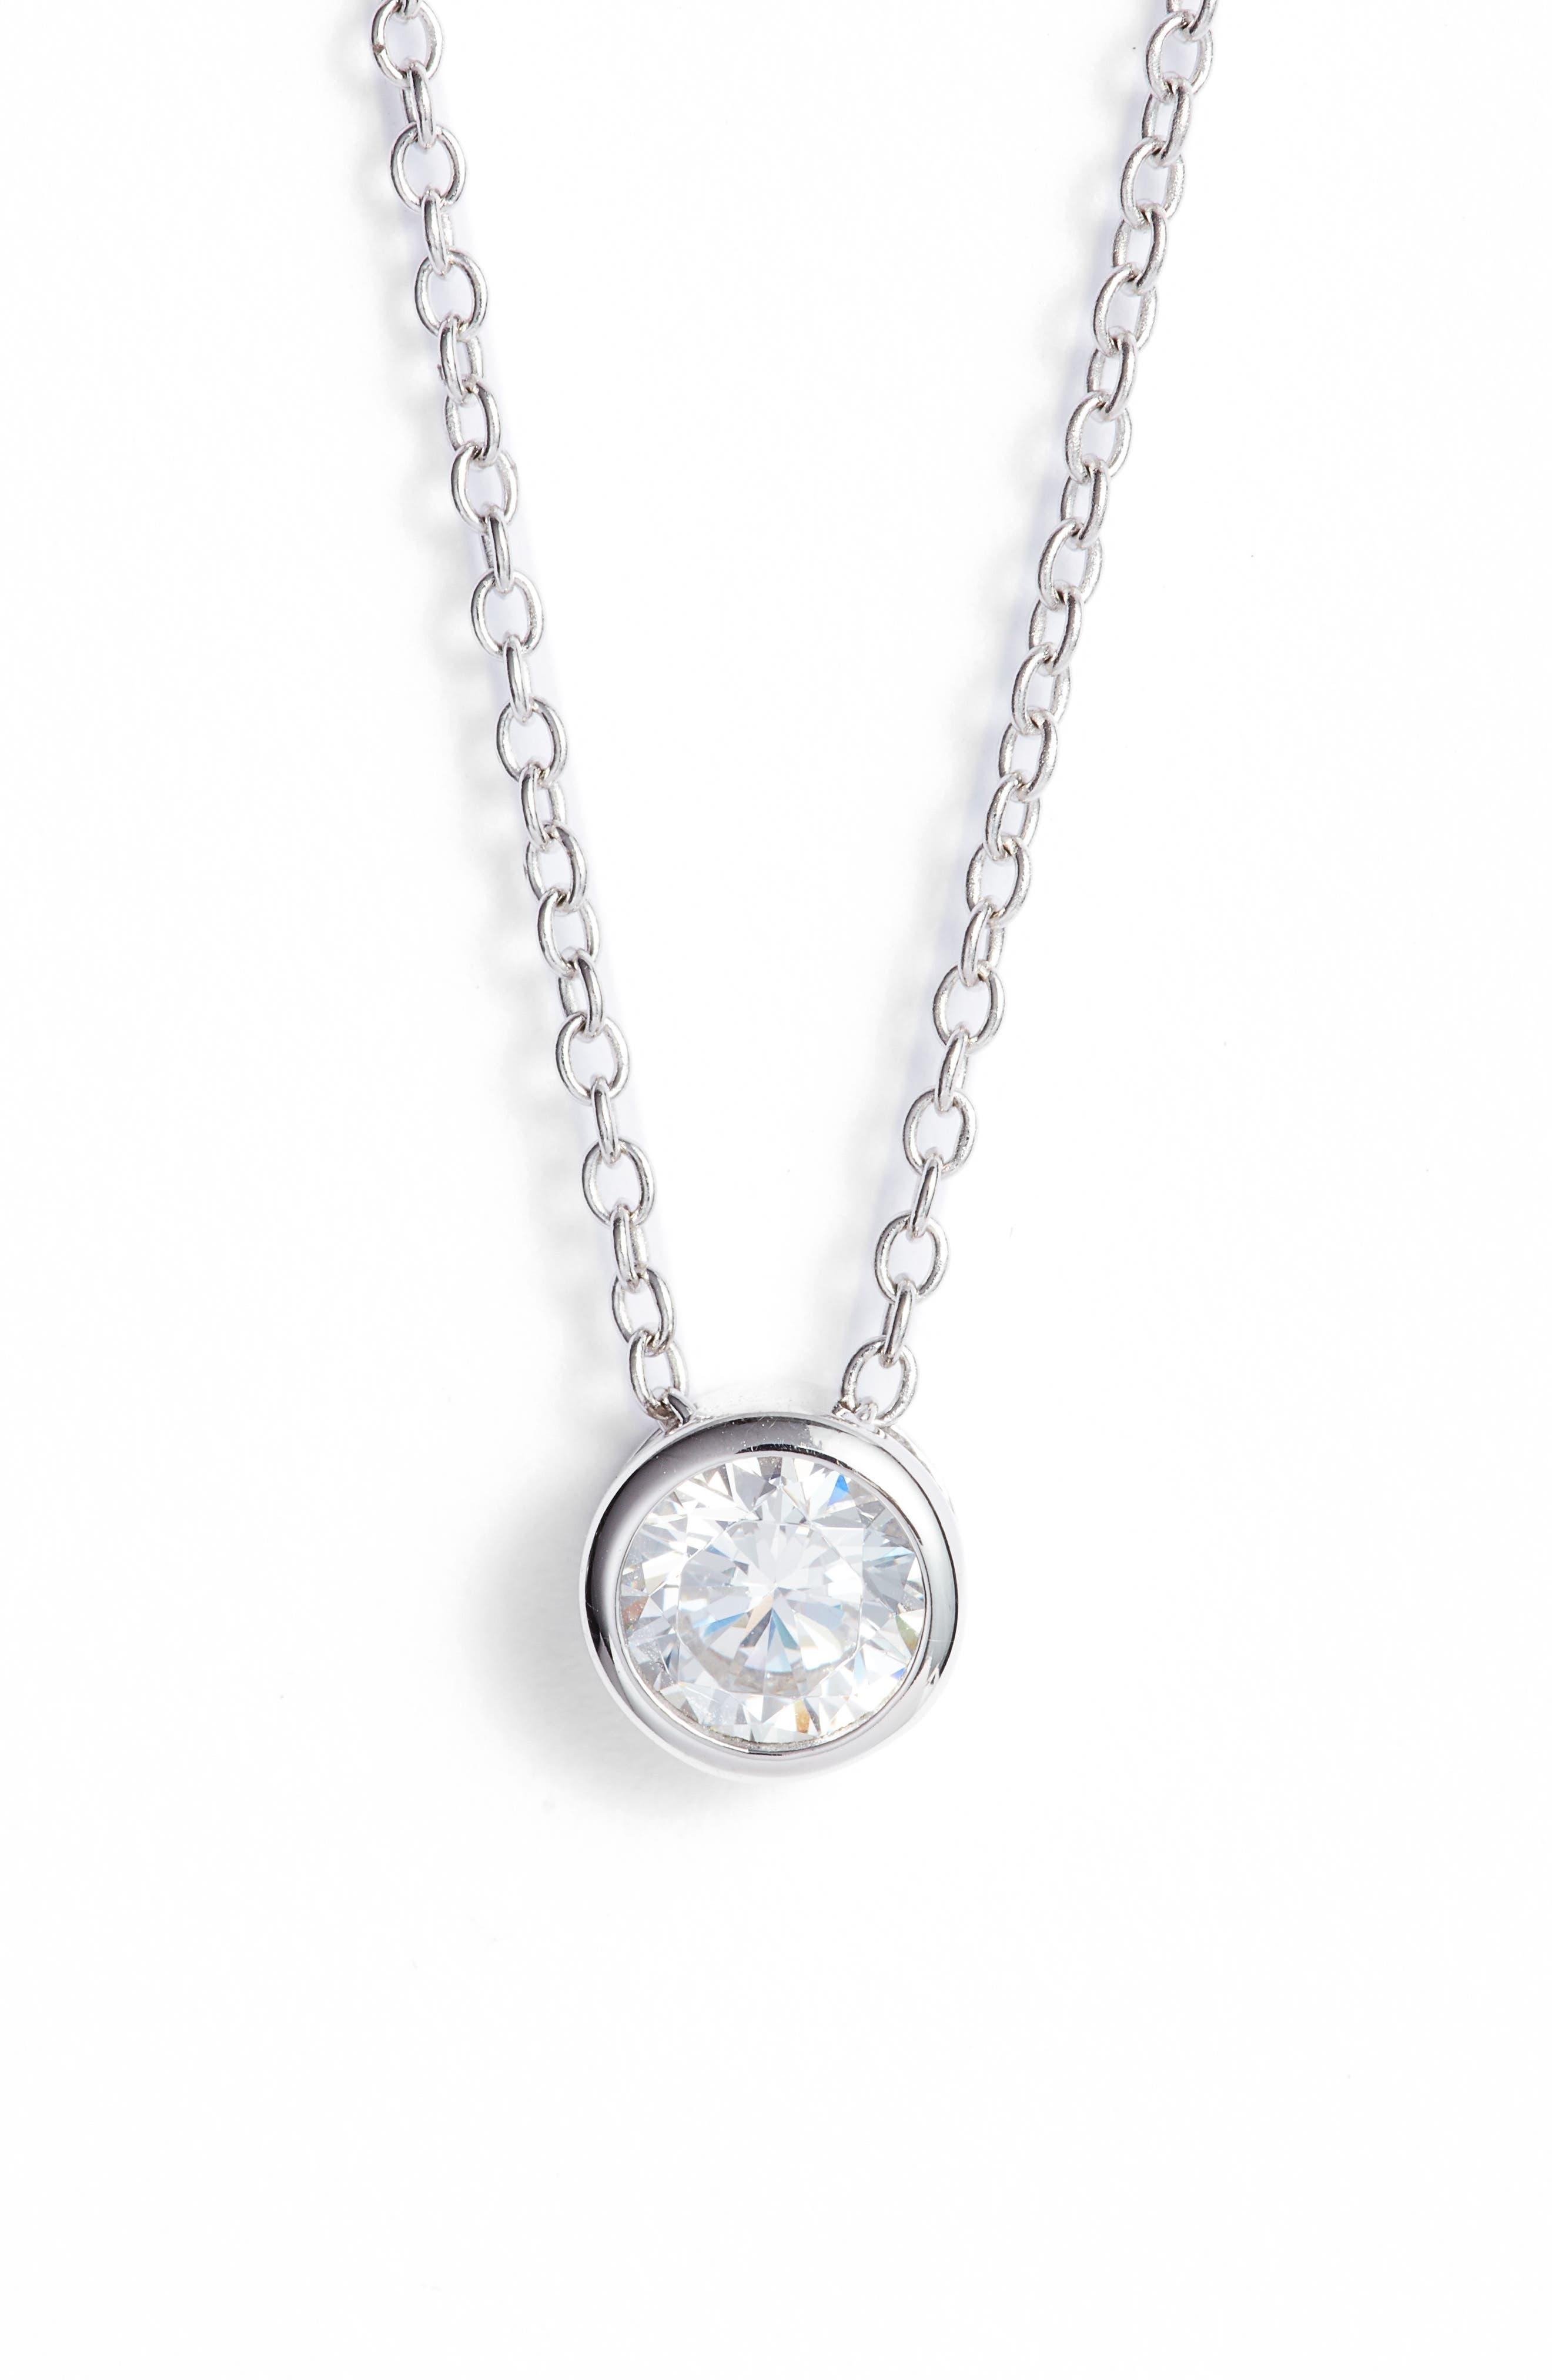 0.5 ct tw Cubic Zirconia Pendant Necklace,                             Main thumbnail 1, color,                             Platinum